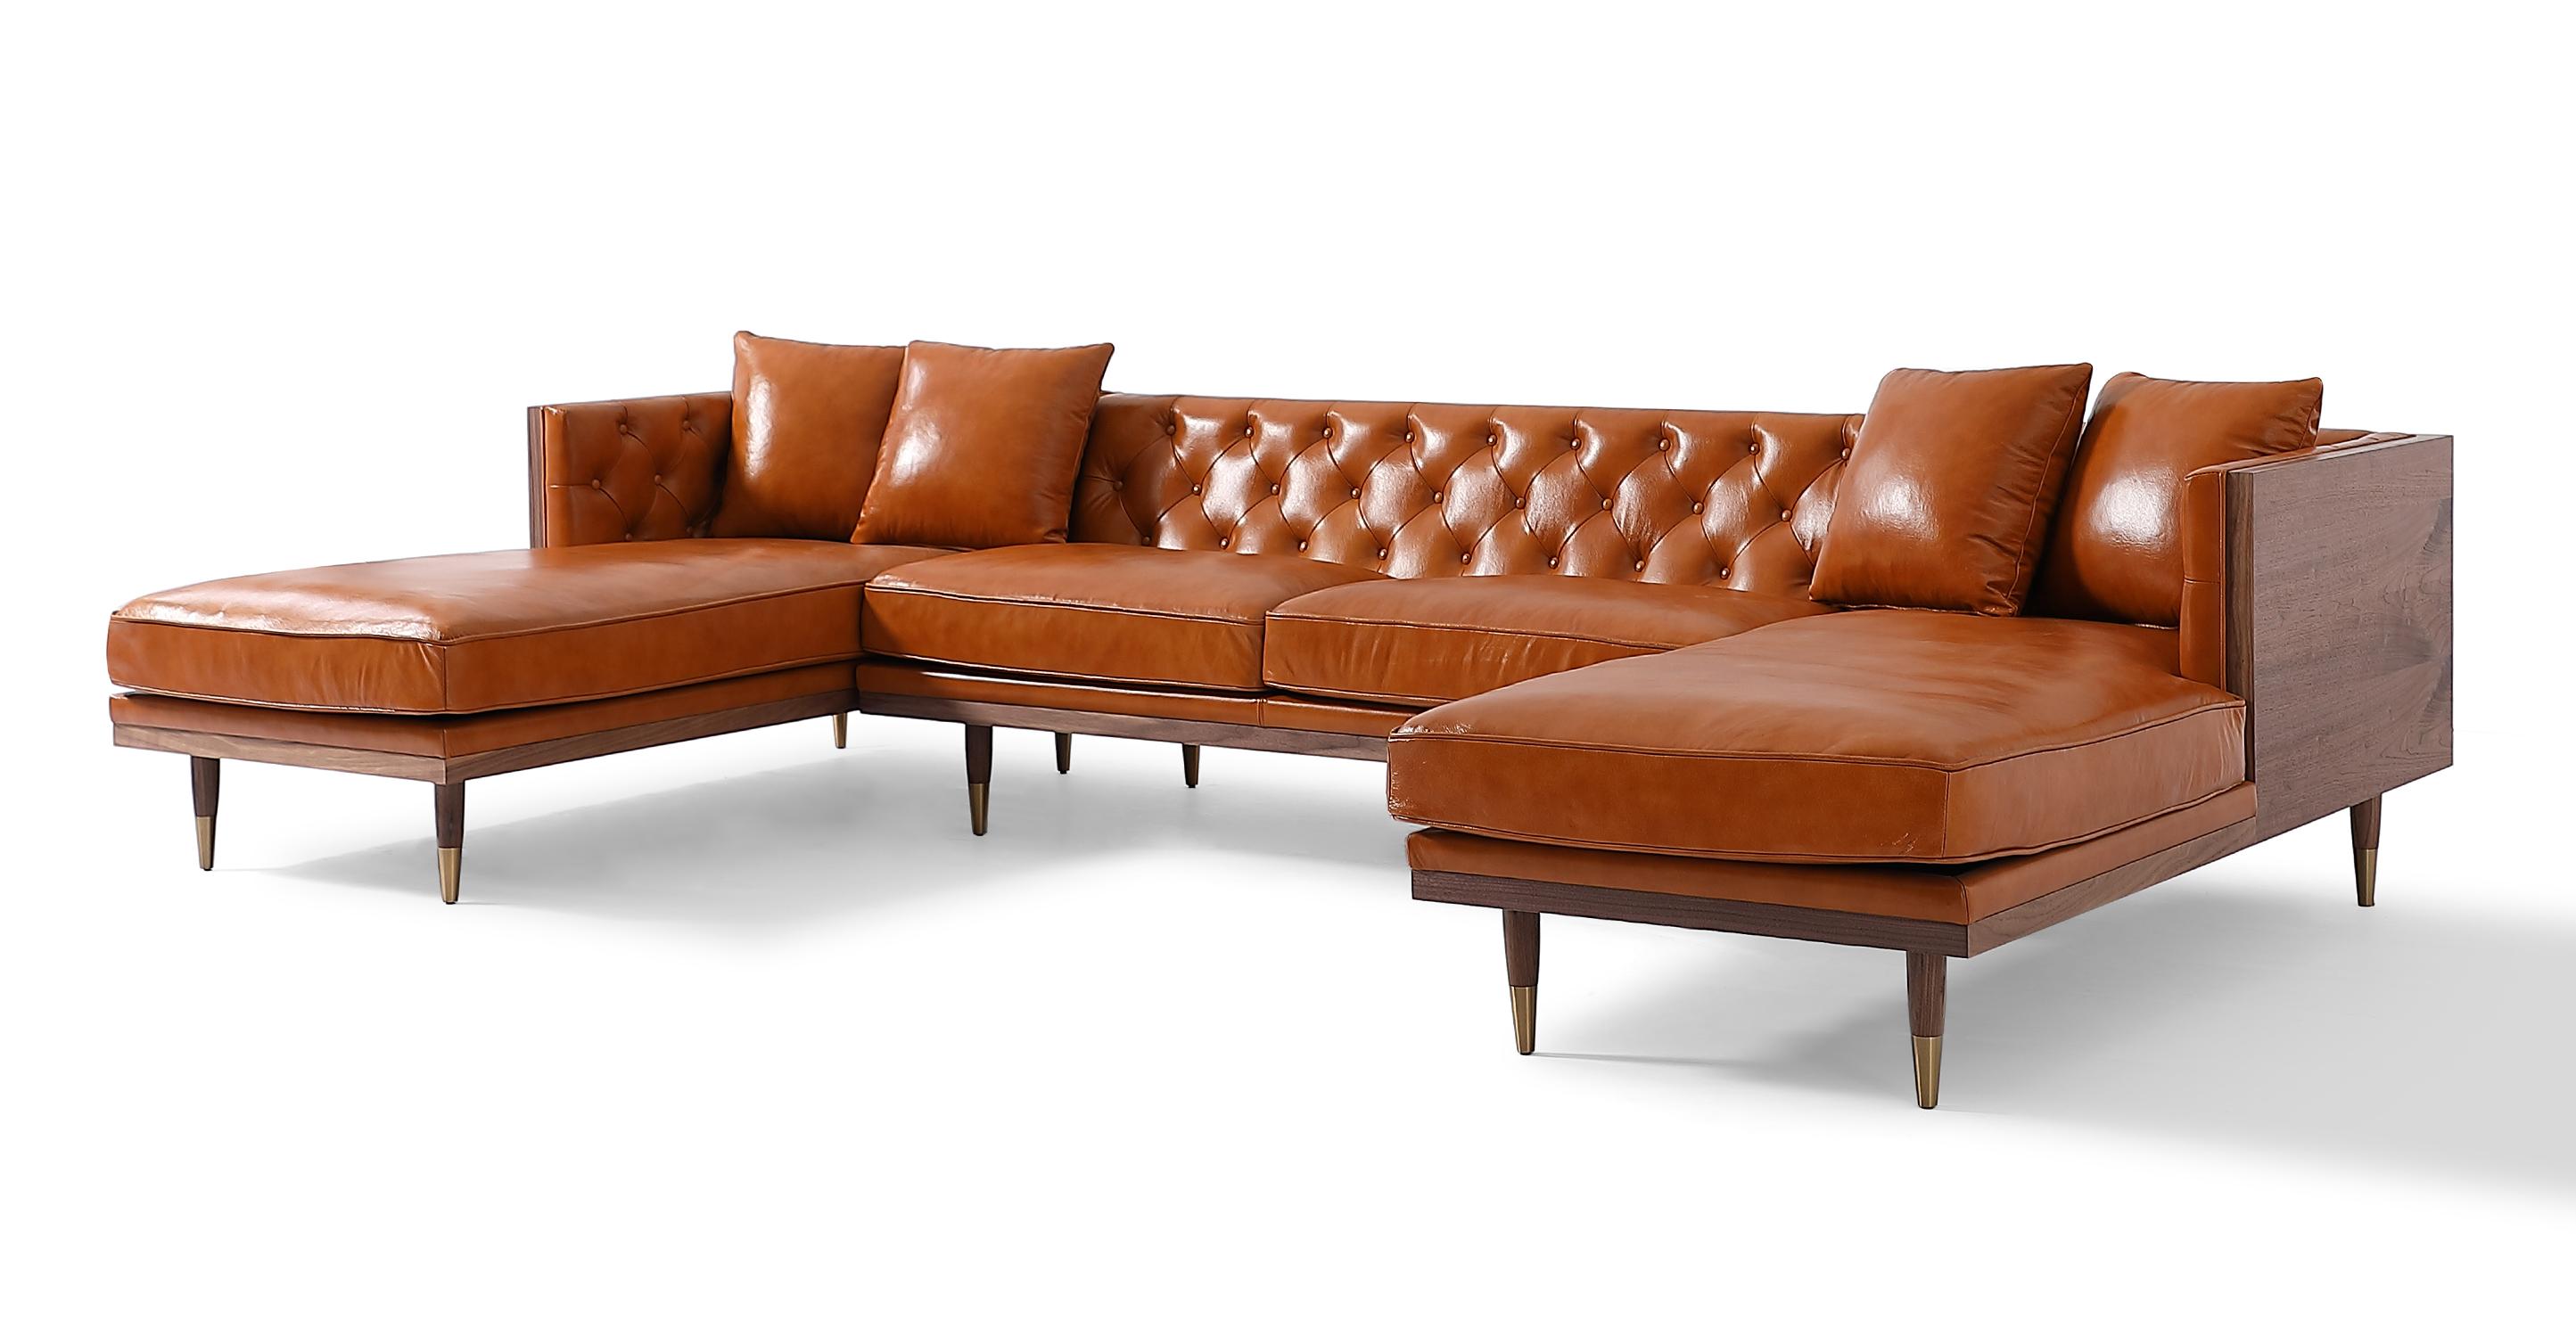 """Woodrow Neo 126"""" Leather Sofa U-Sectional, Walnut/Tan Aniline"""